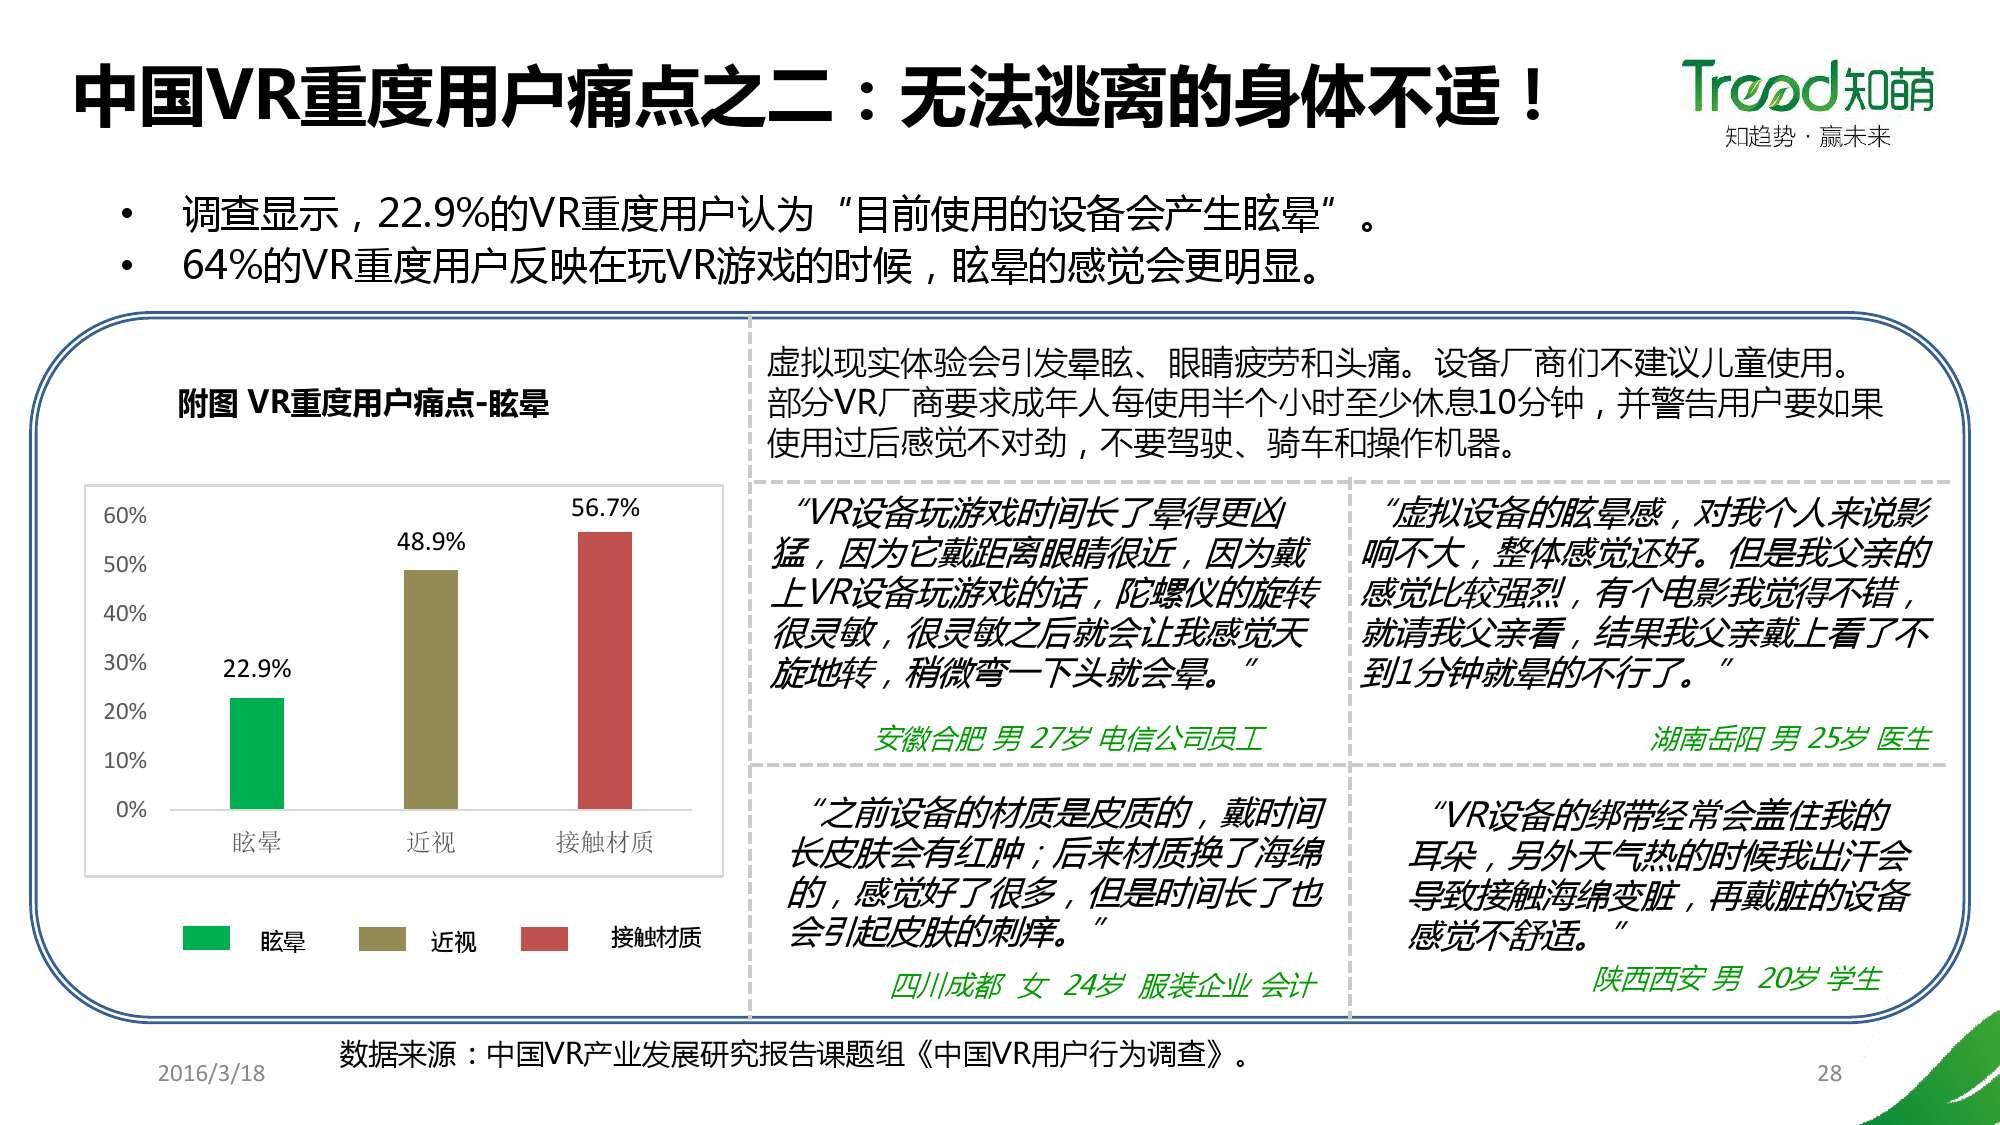 中国VR用户行为研究报告_000028